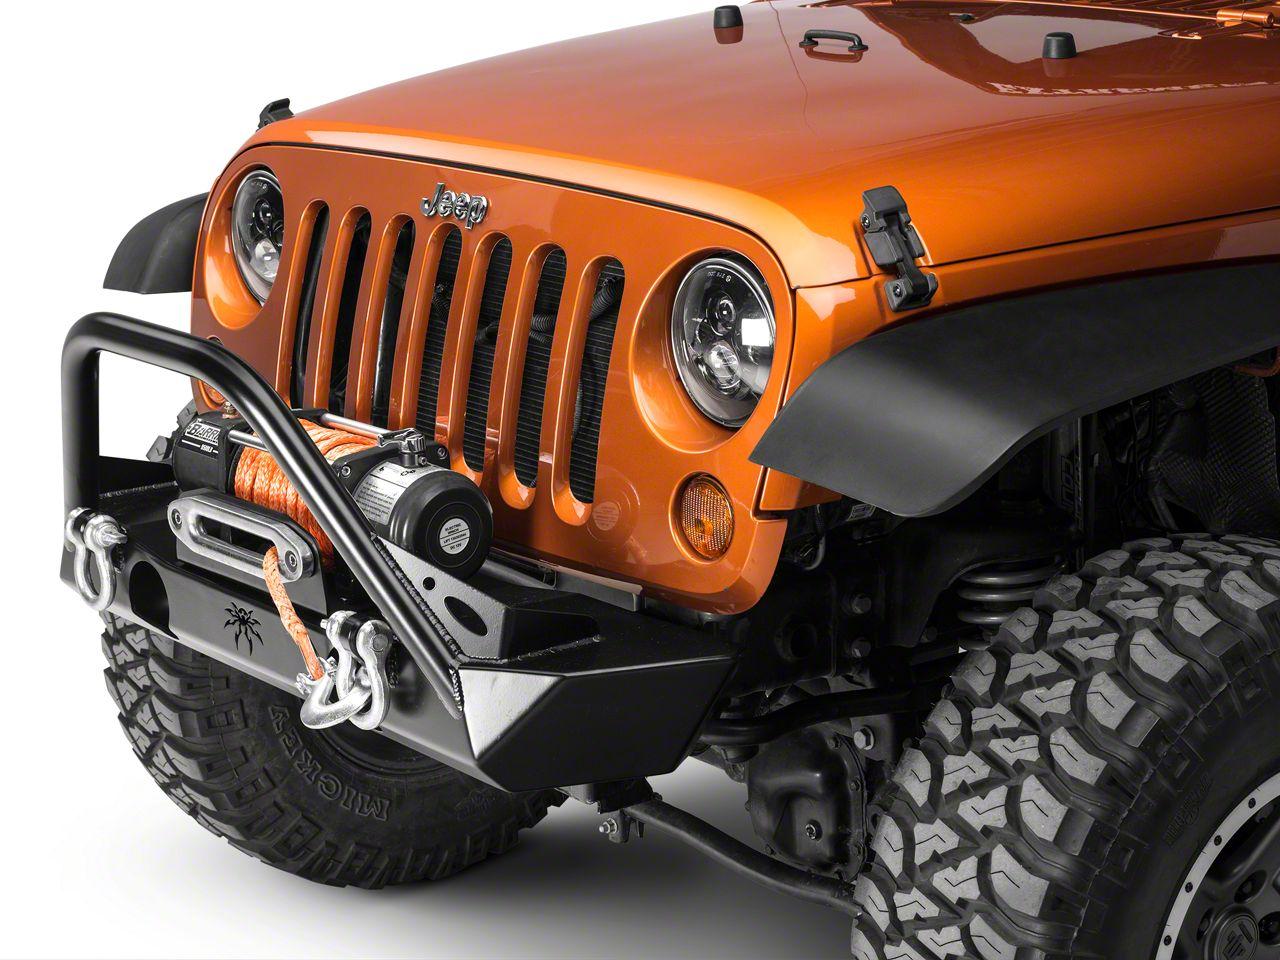 Poison Spyder Brawler Lite Front Bumper w/ Brawler Bar - SpyderShell Armor Coat (07-18 Jeep Wrangler JK)